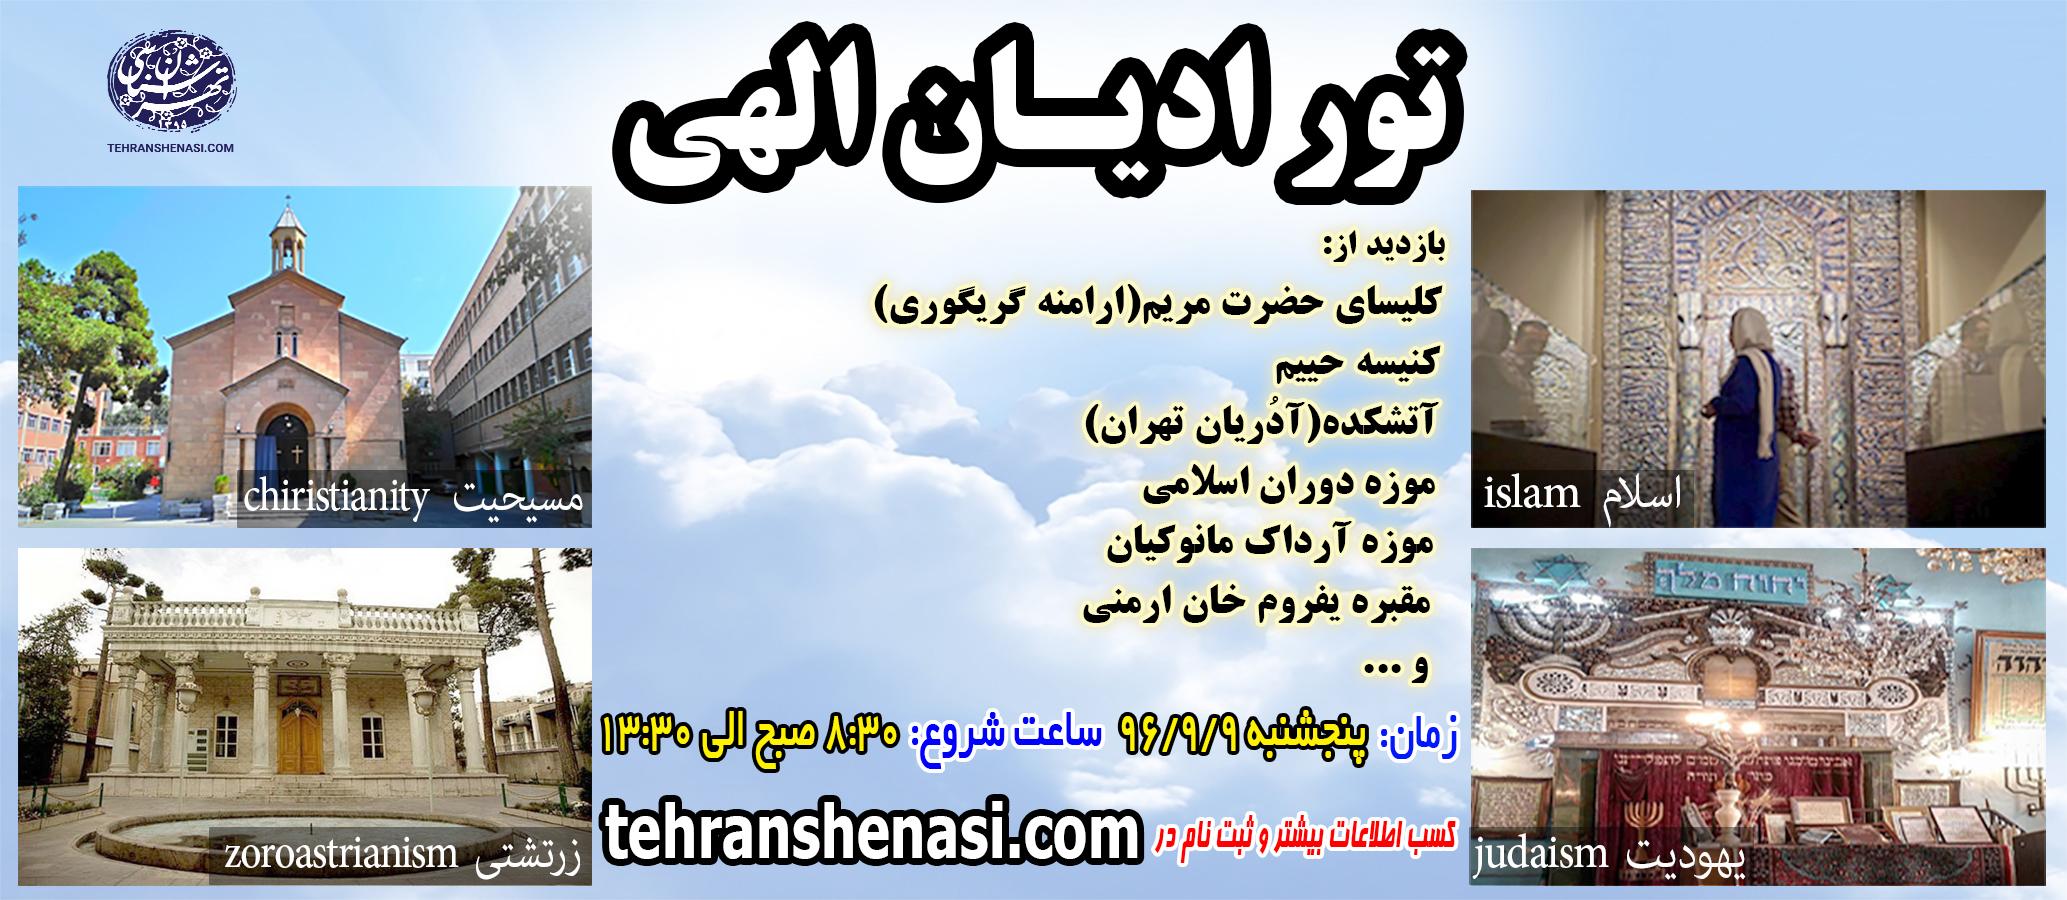 تور ادیان الهی-تهران شناسی